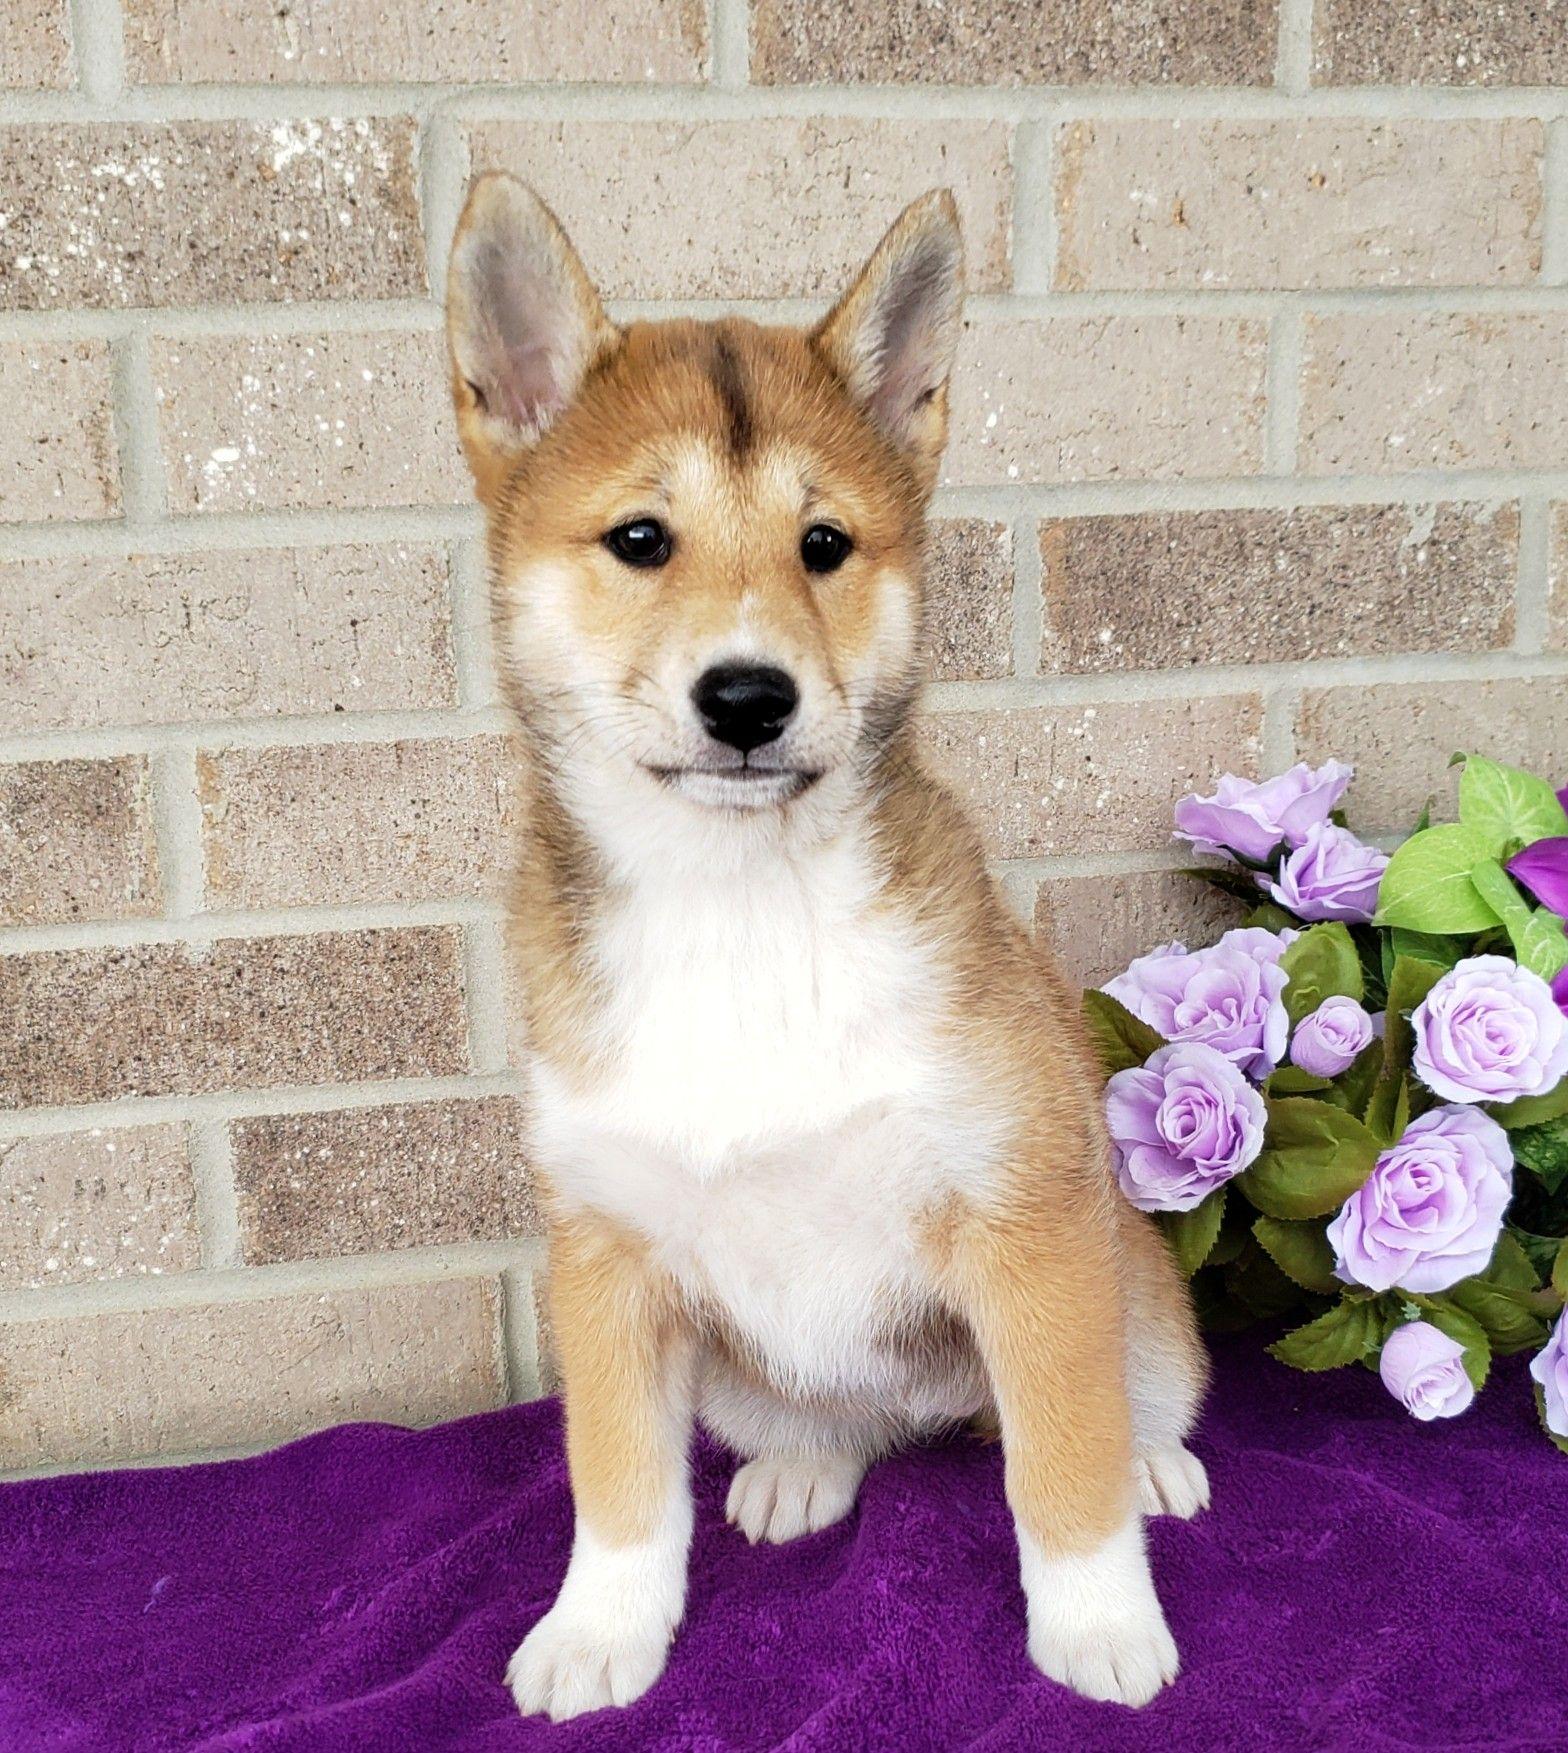 Puppies for Sale Dog breeder, Shiba inu puppy, Puppy